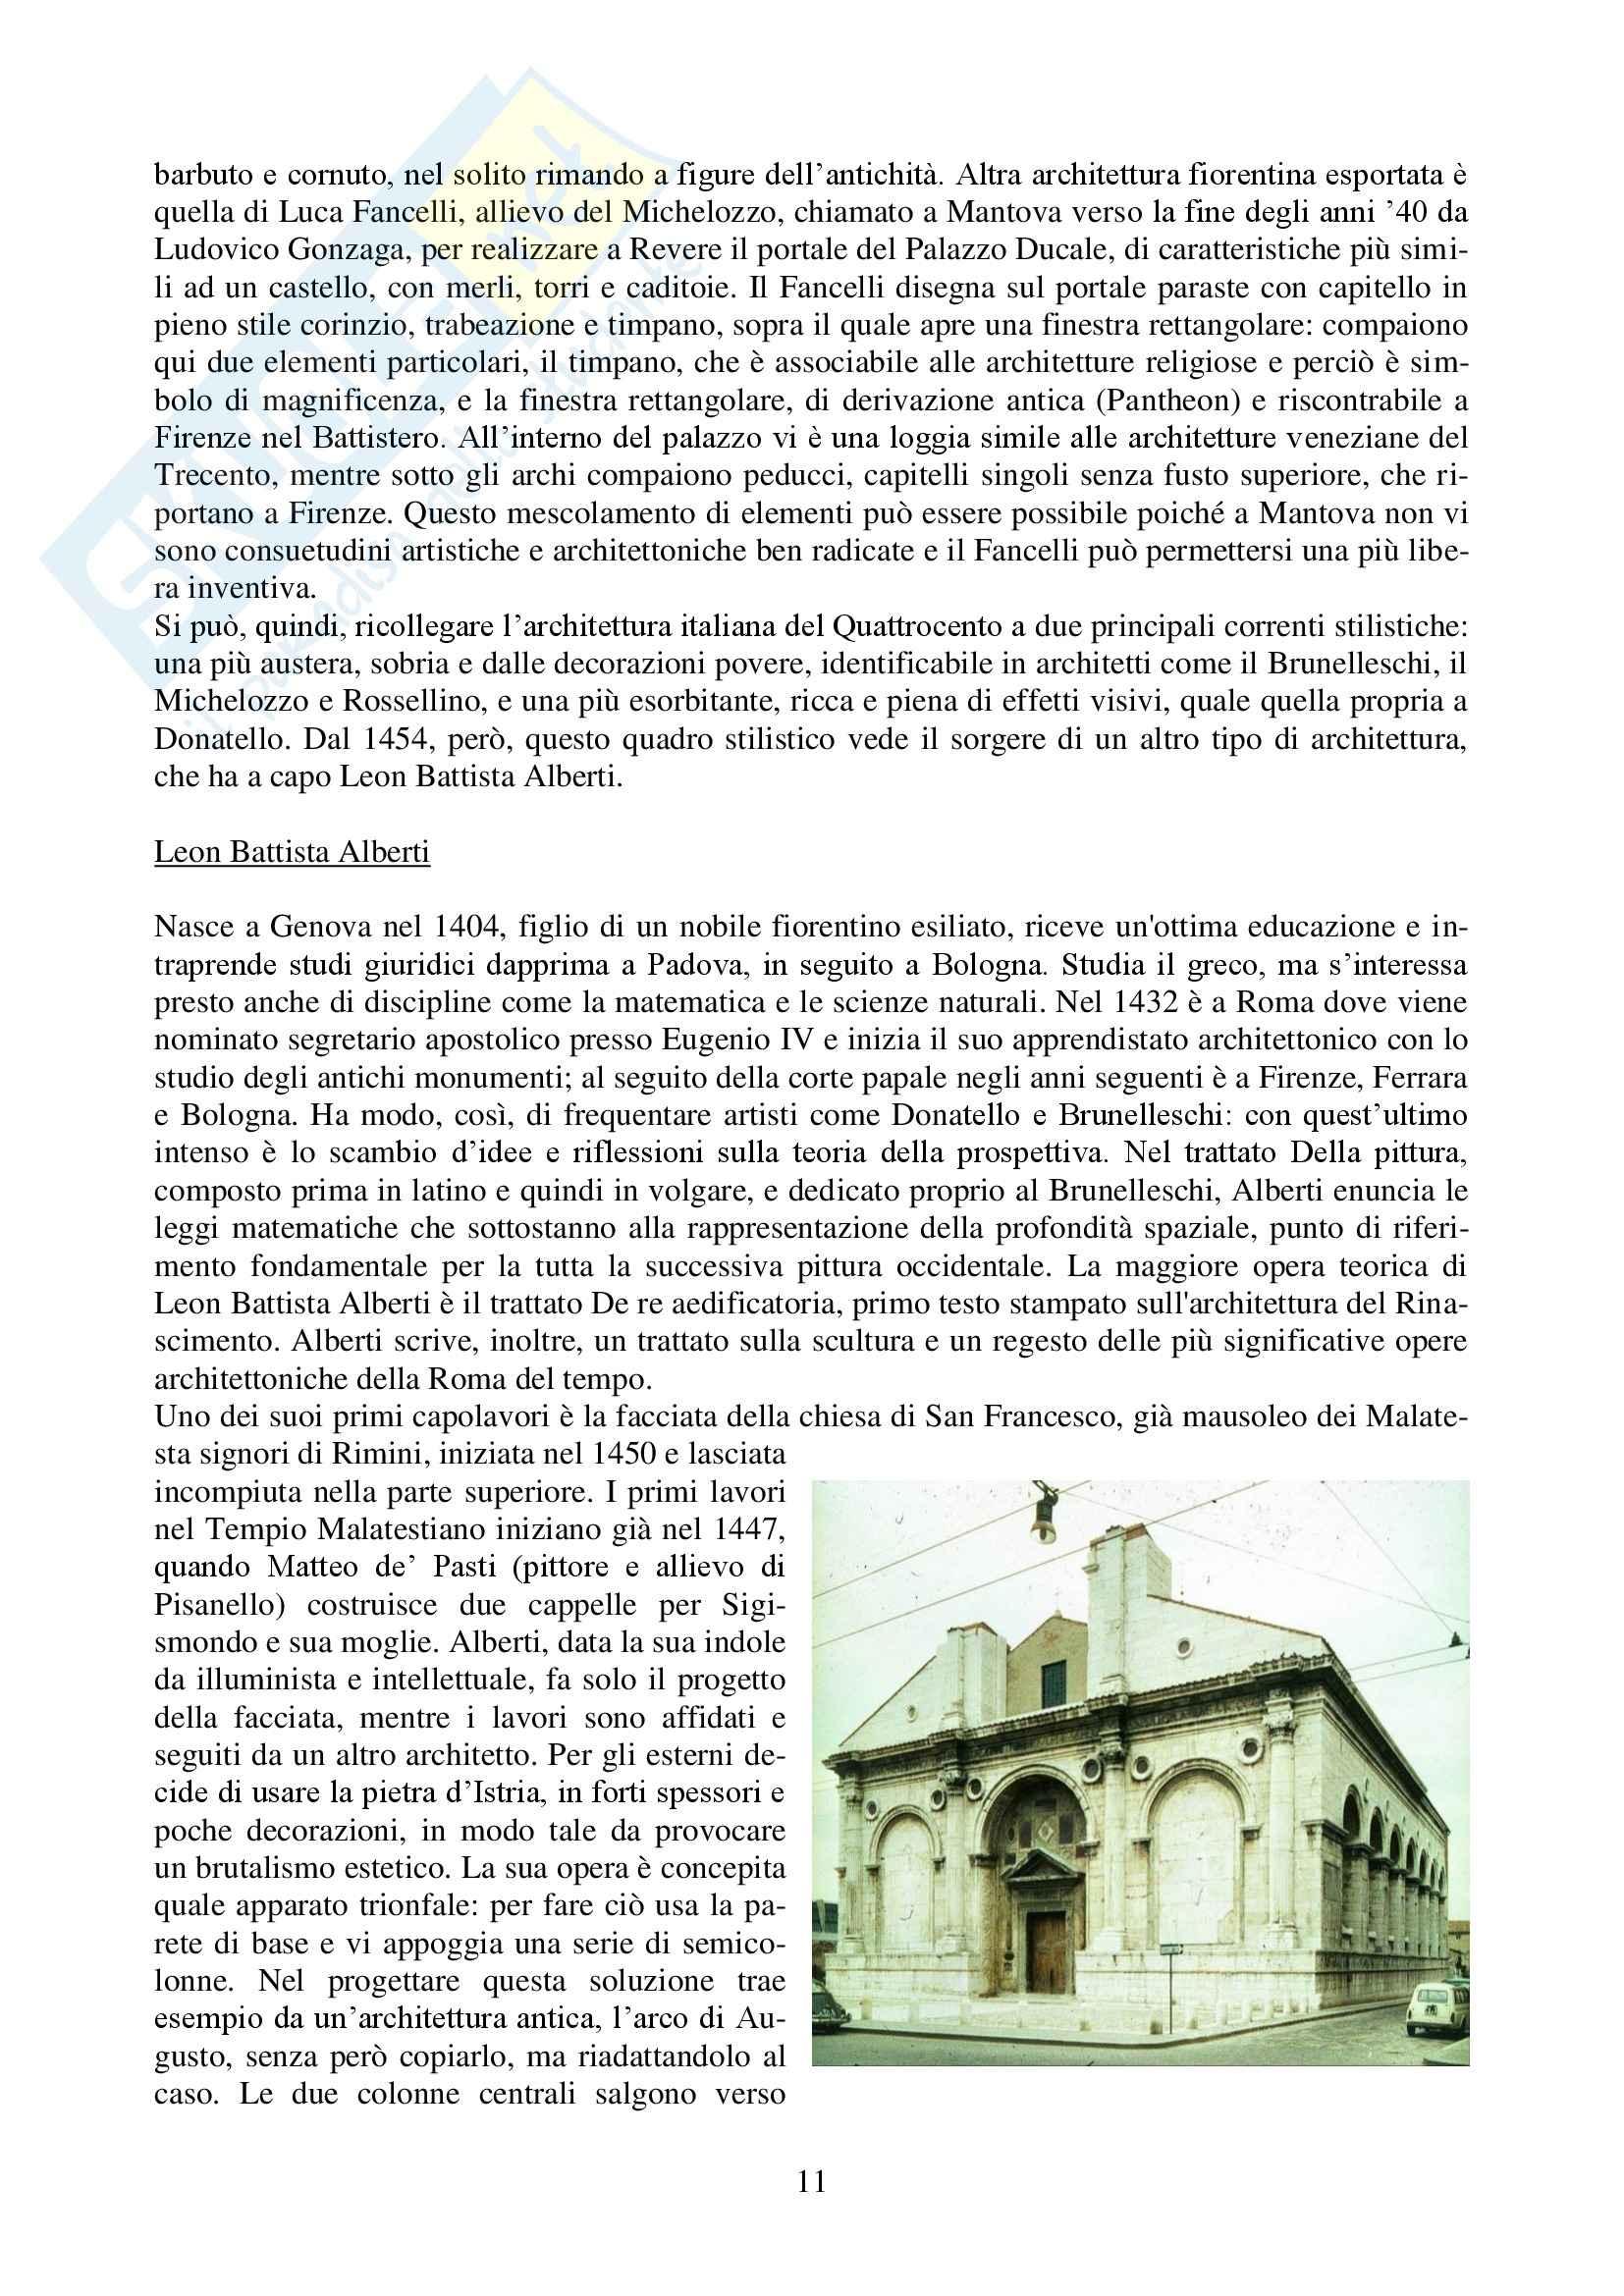 Riassunto esame Storia dell'Architettura Italiana - DAL '400 al '750, prof. Bulgarelli Pag. 11